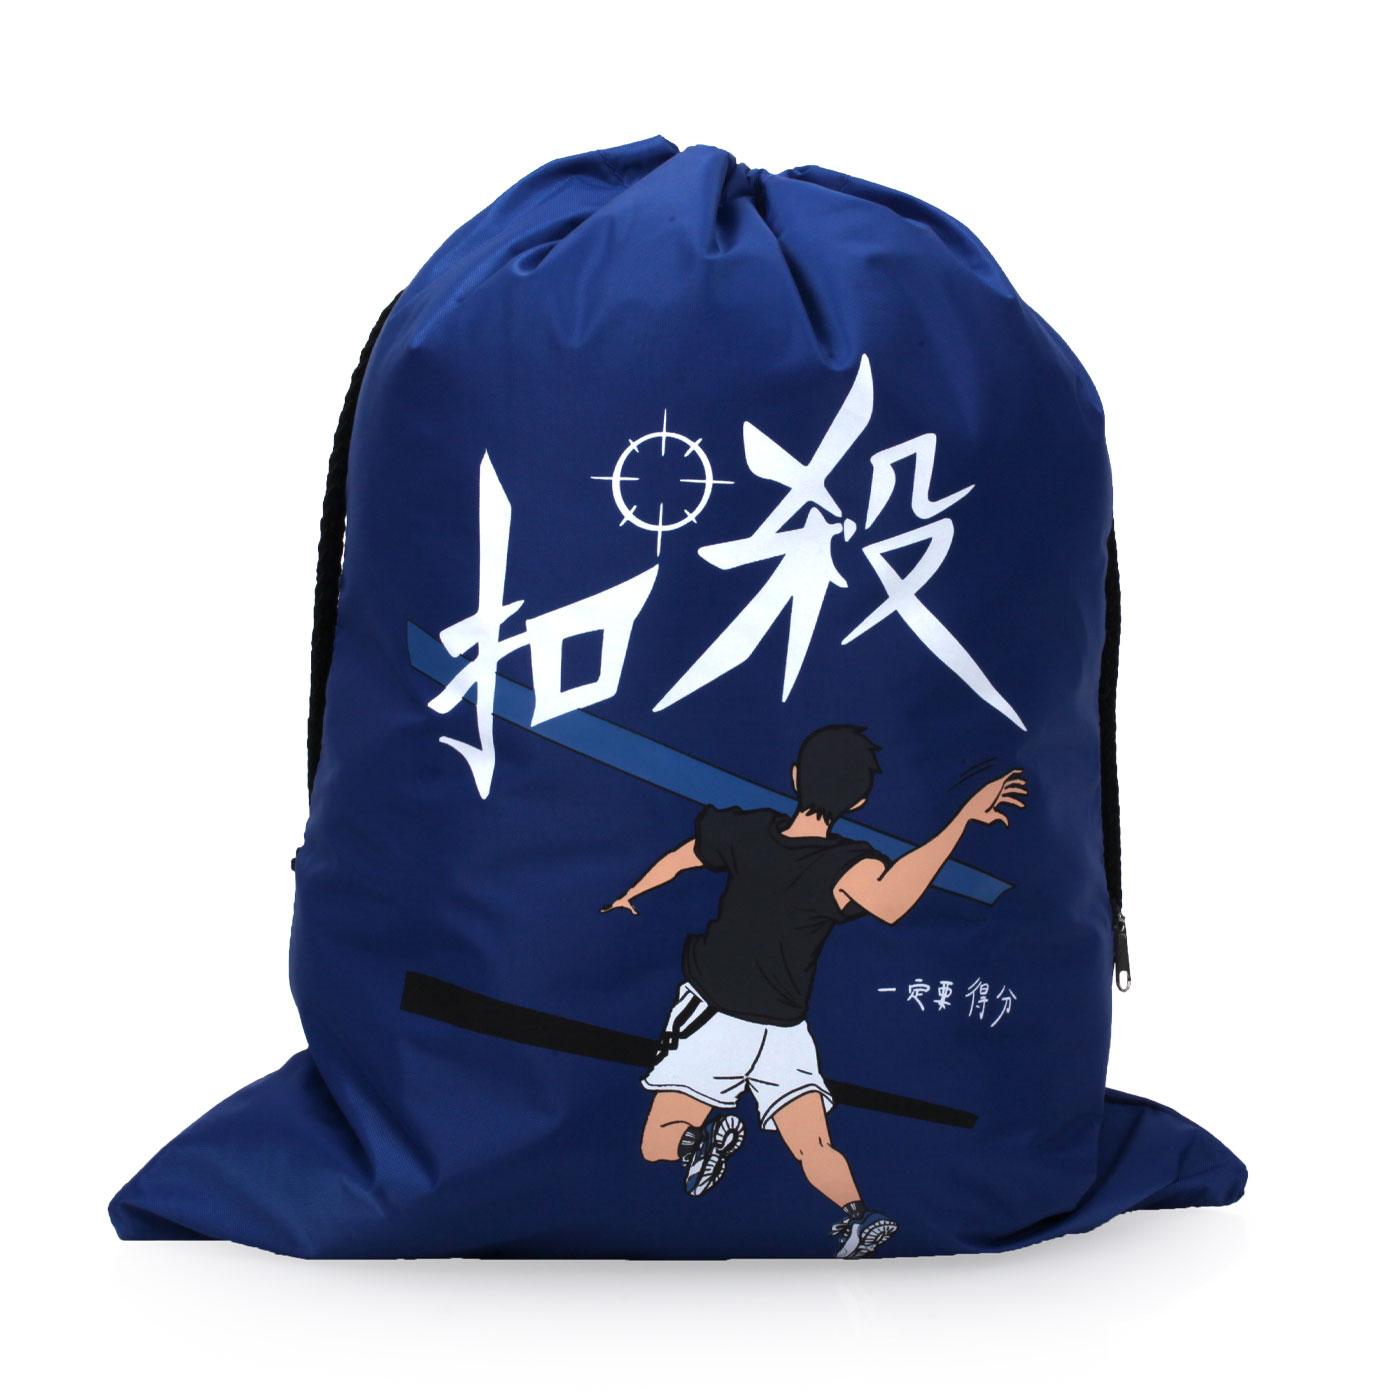 MIZUNO 多功能簡易背袋 (束口包  後背包 雙肩包 鞋袋 美津濃【05481210】≡排汗專家≡